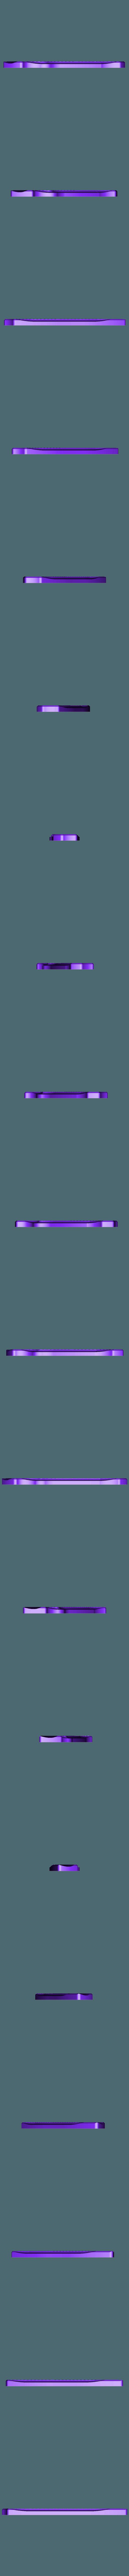 knife-left.stl Télécharger fichier STL gratuit Couteau CsGo • Modèle imprimable en 3D, marcossierra